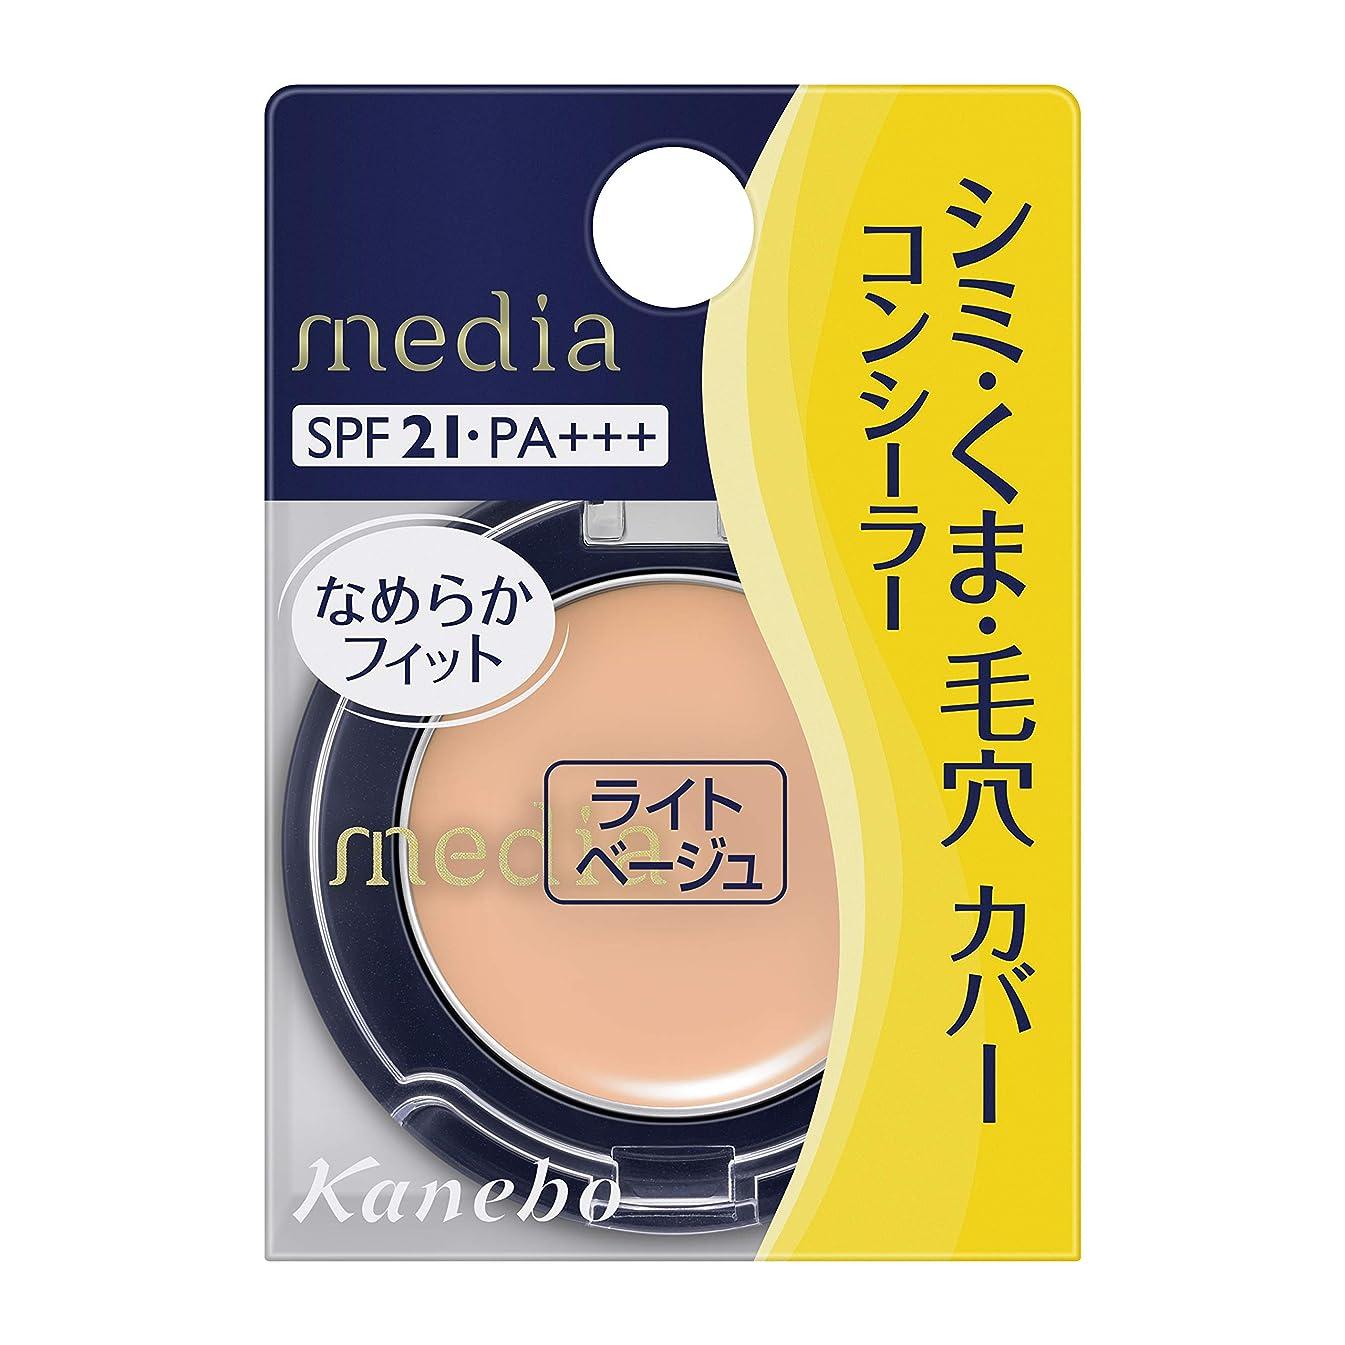 指紋巻き戻すオーブンカネボウ化粧品 メディア コンシーラー S ライトベージュ 1.7g